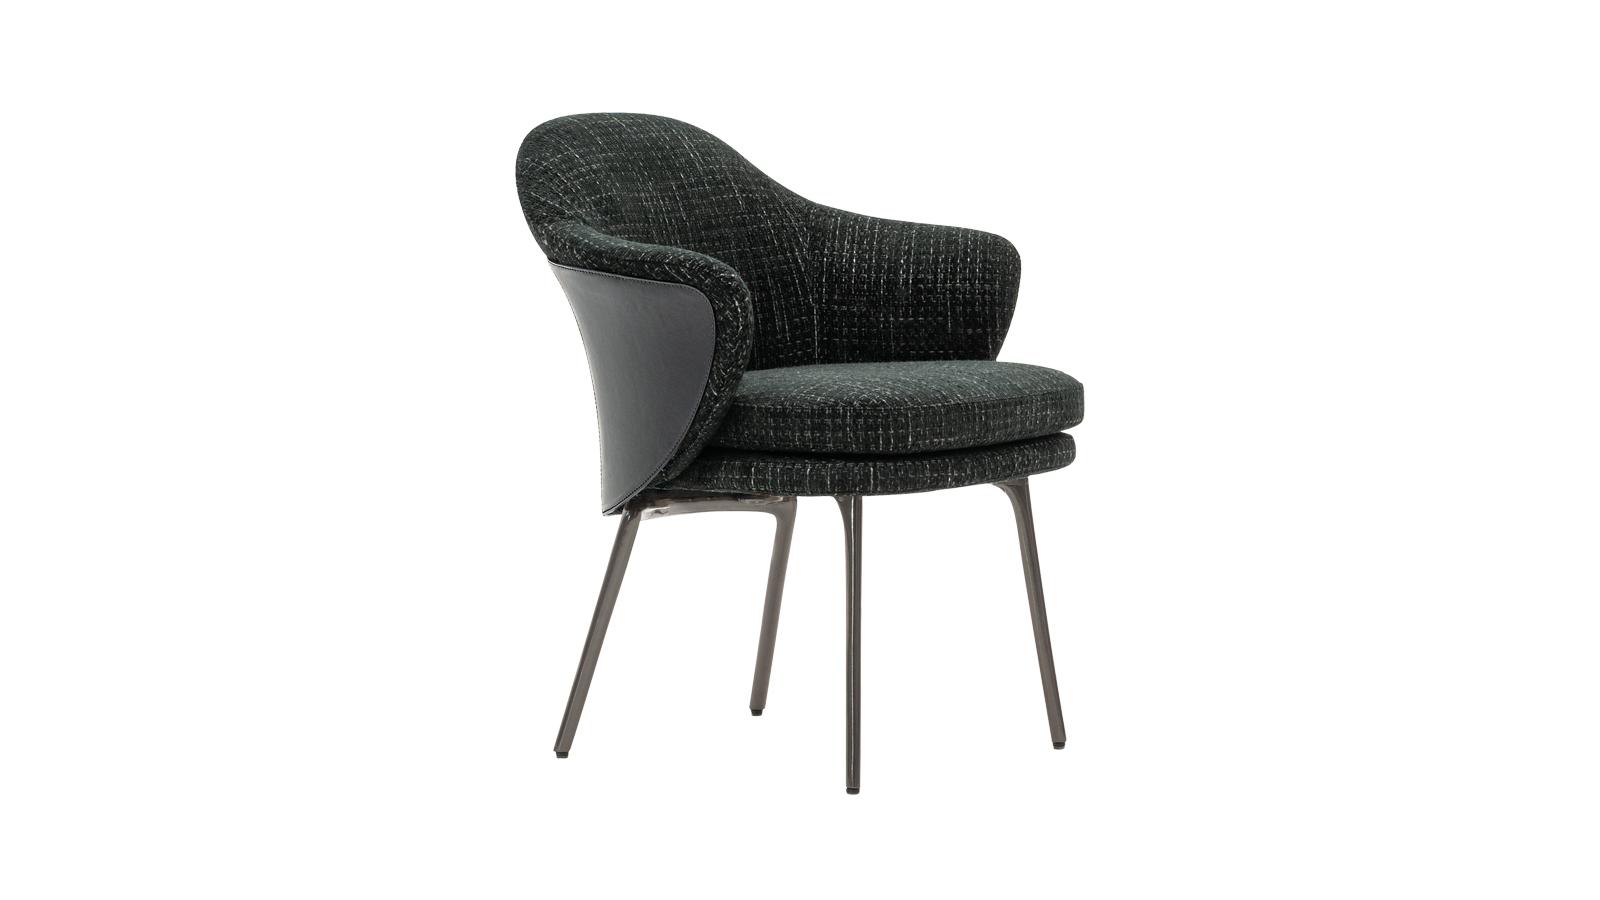 Mintha óvnák, úgy ölelik használójukat az Angie székek. A csupán egyetlen párnával megálmodott székek a testhez tökéletesen illeszkedő háttámláknak, és az extrém puha ülőrészeknek köszönhetően maximálisan hozzájárulnak a pihenéshez. A GamFratesi studio remekművei több színváltozatban is elérhetők.